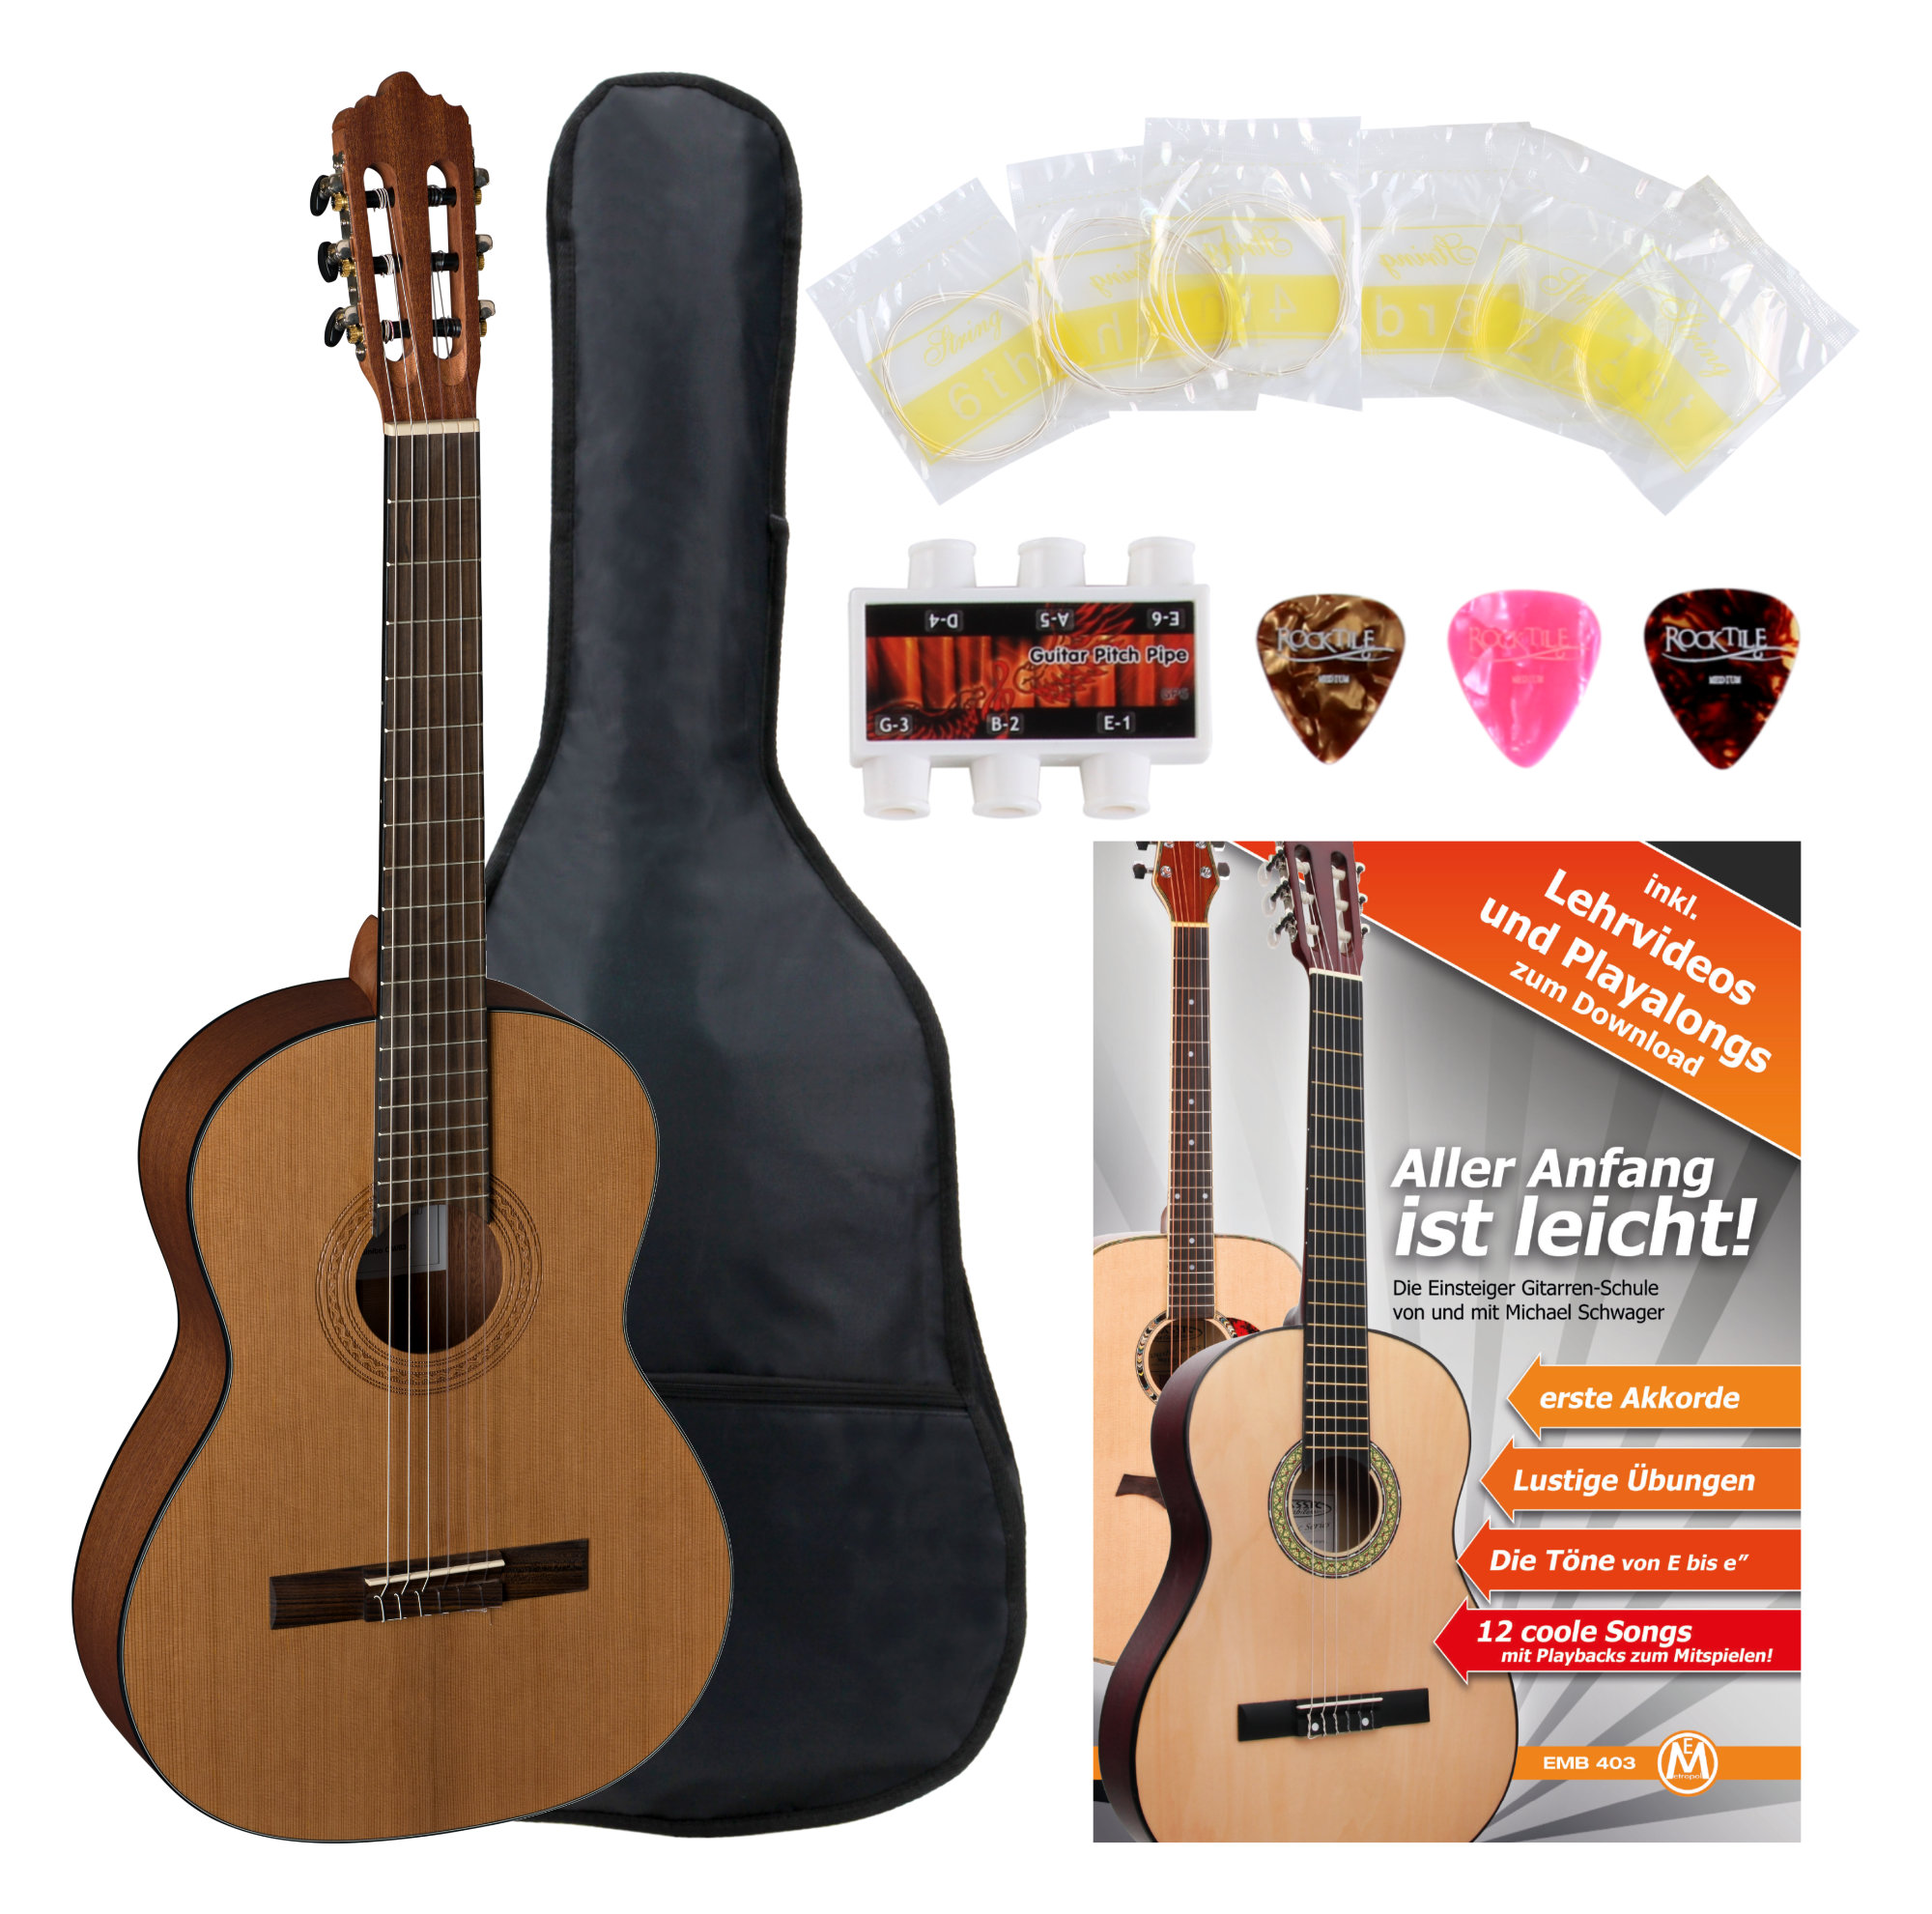 7 String Gitarre  Dämpfer für Streichinstrument 2 Stück Bass